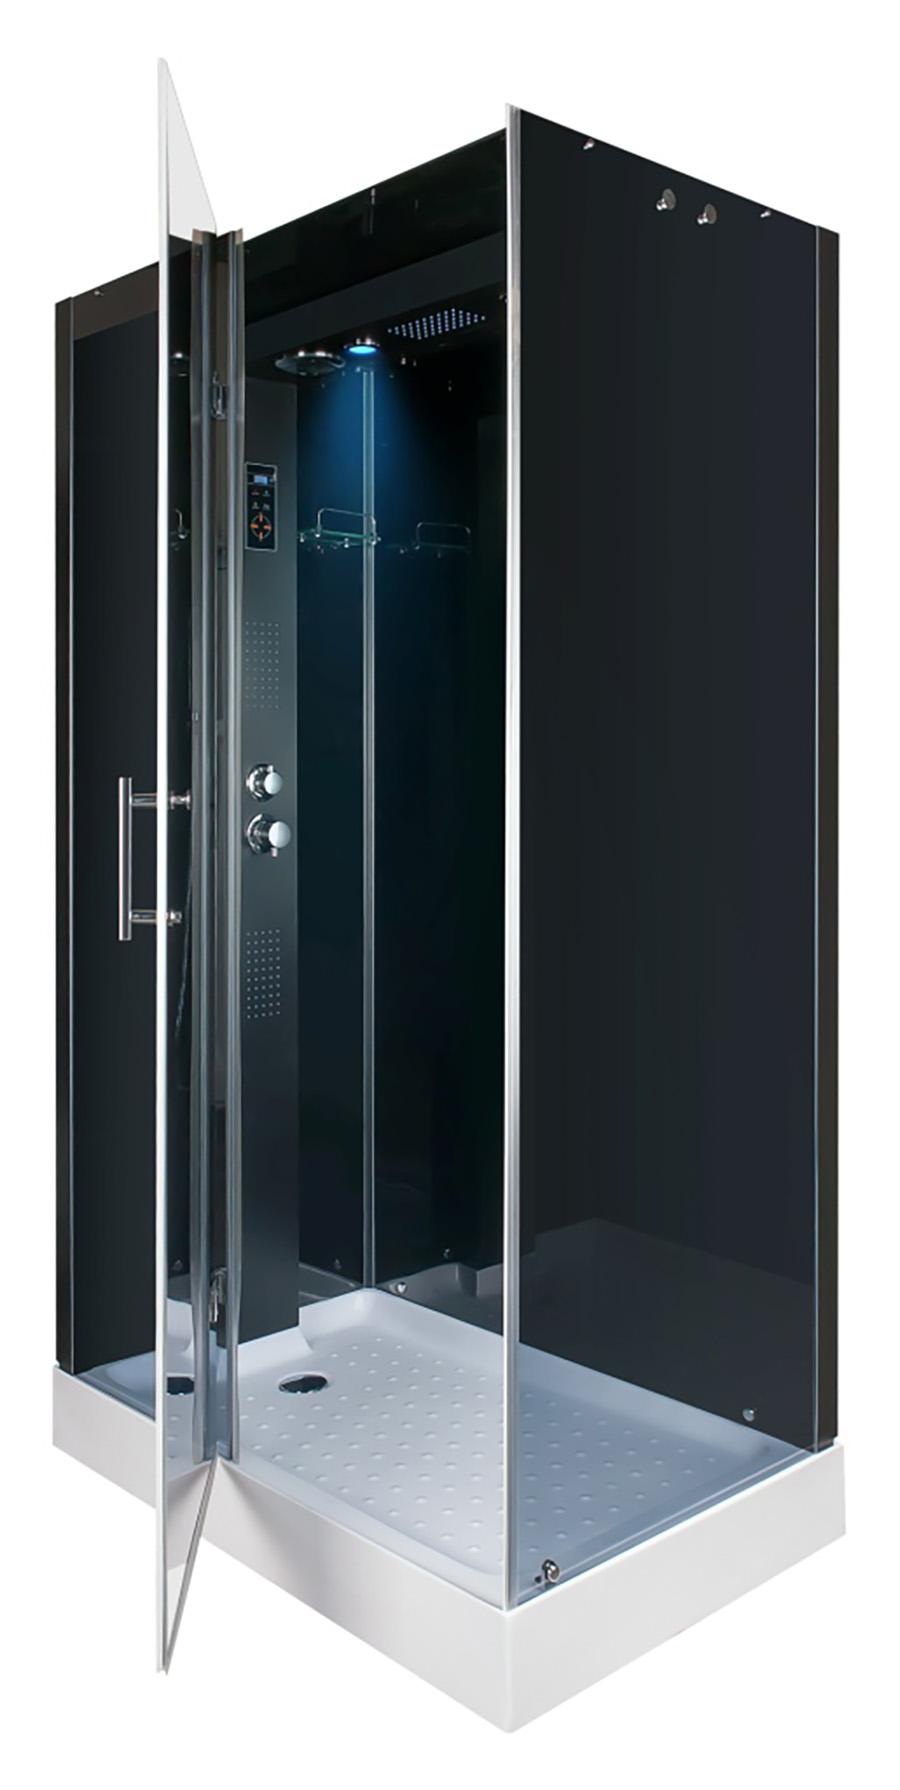 duschkabine regendusche fertigdusche dusche duschtempel duschwand badewanne d05 ebay. Black Bedroom Furniture Sets. Home Design Ideas